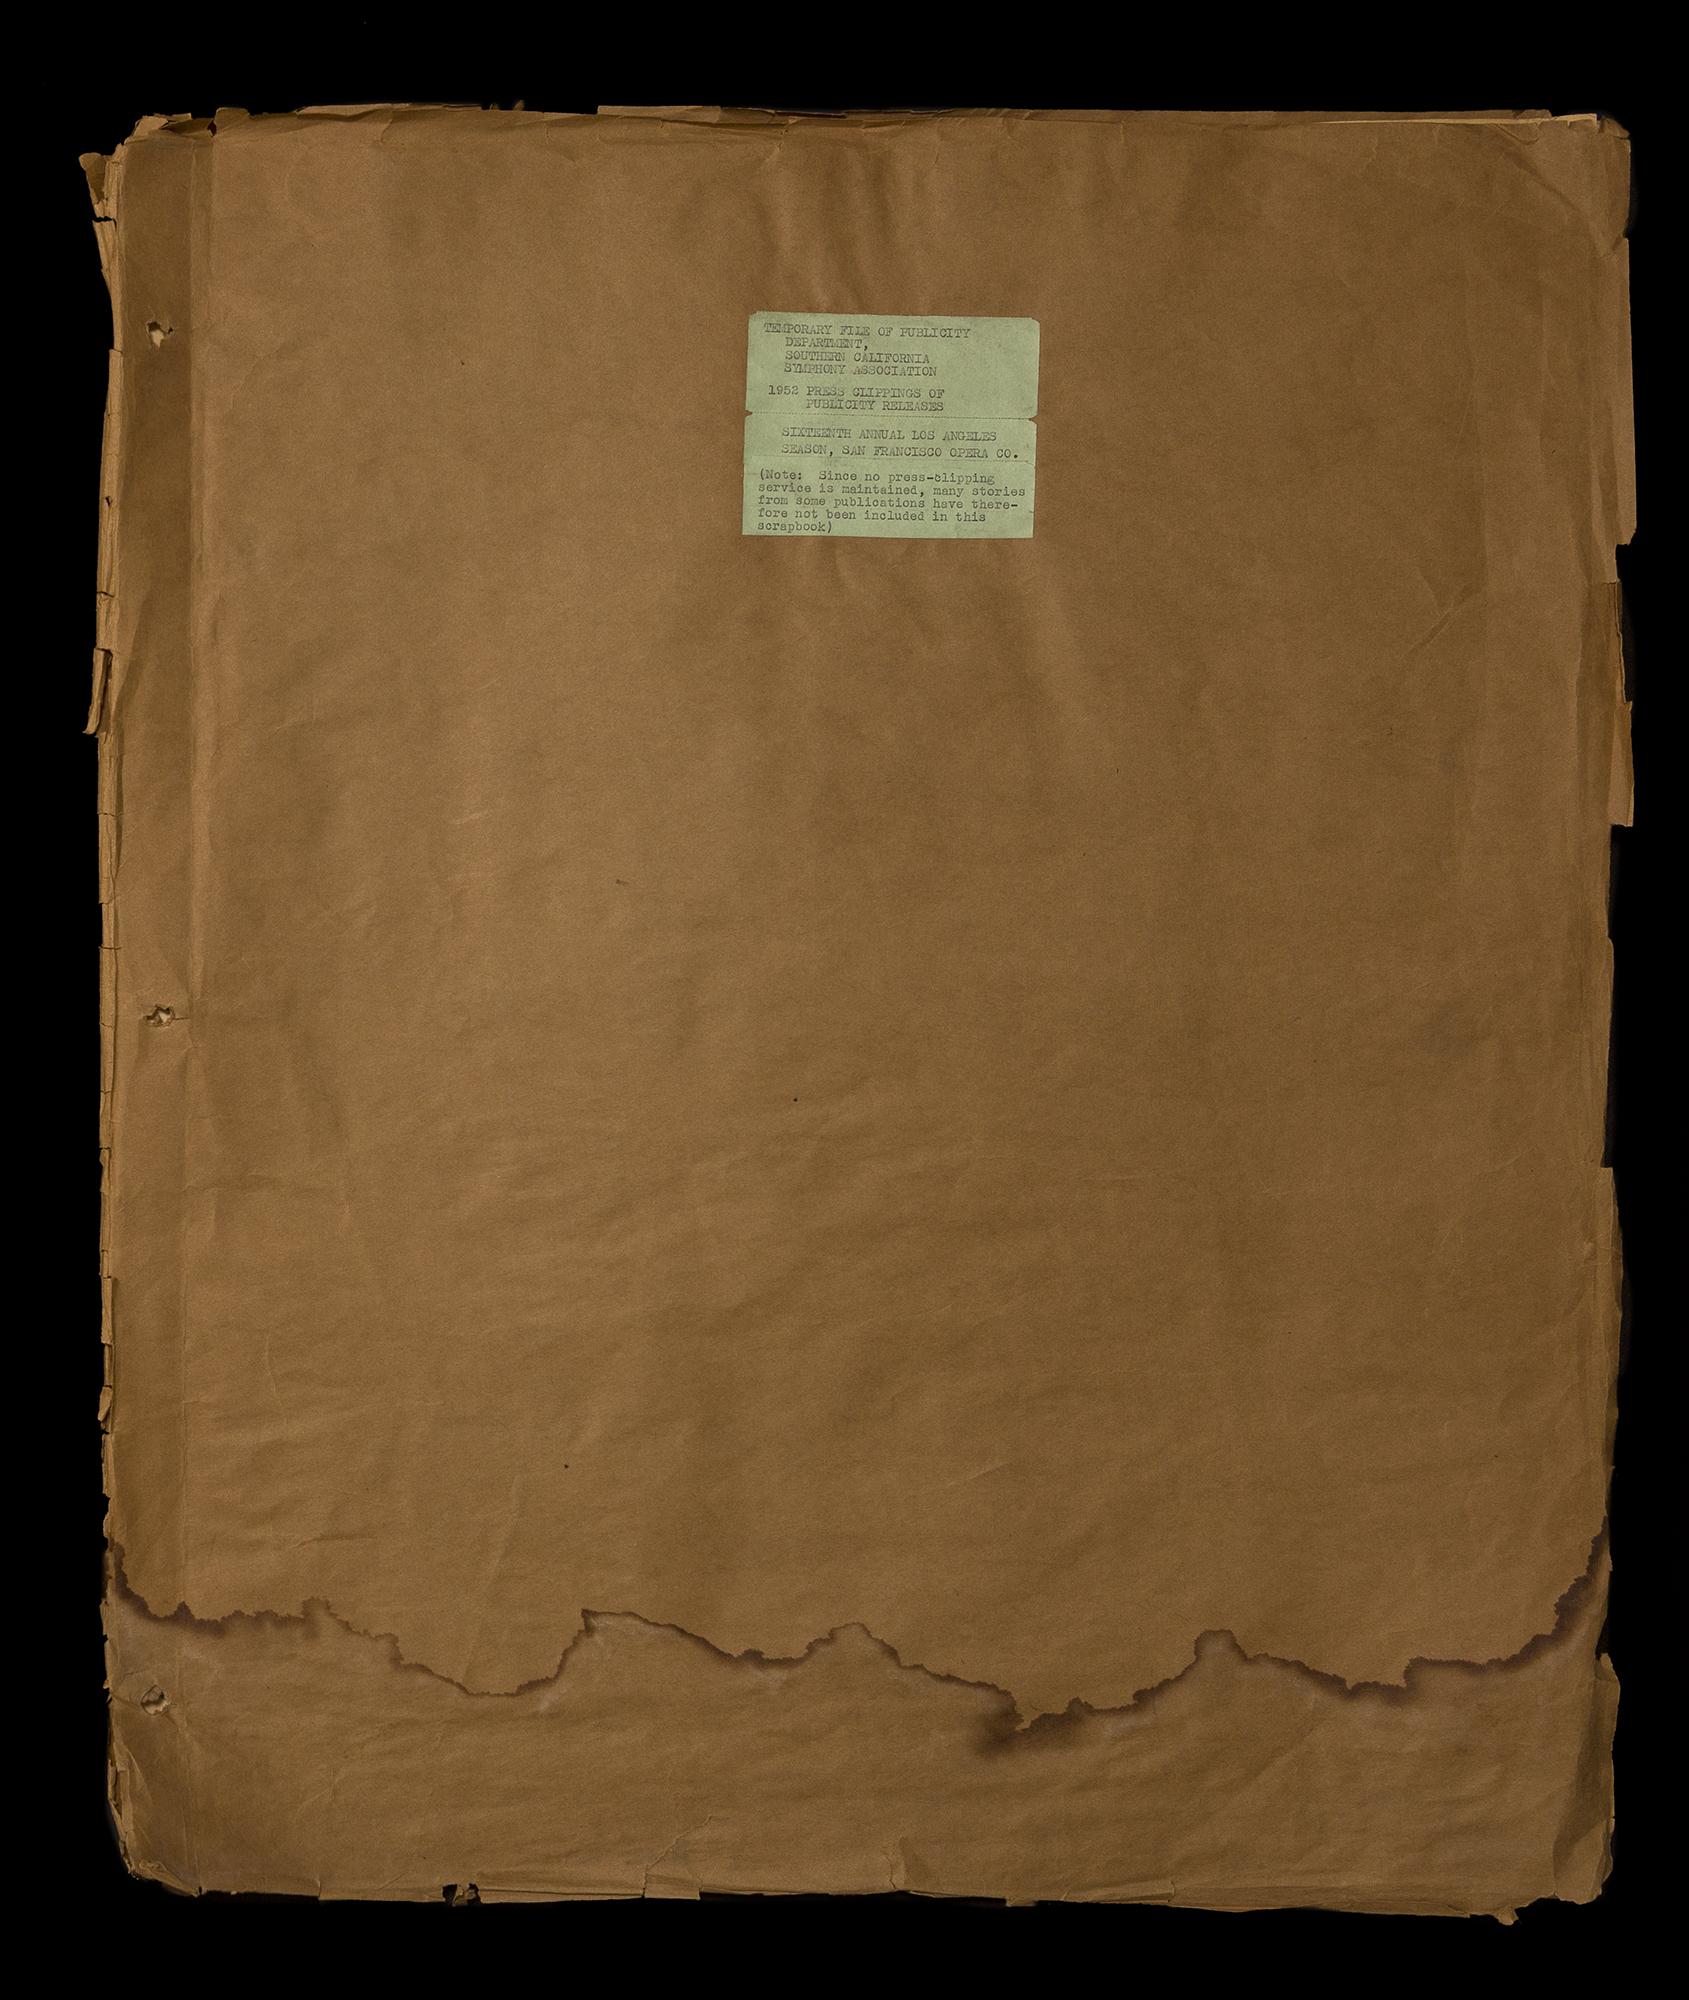 HBVolunteerScrapbook_Cover_B0722_1952-1953.jpg